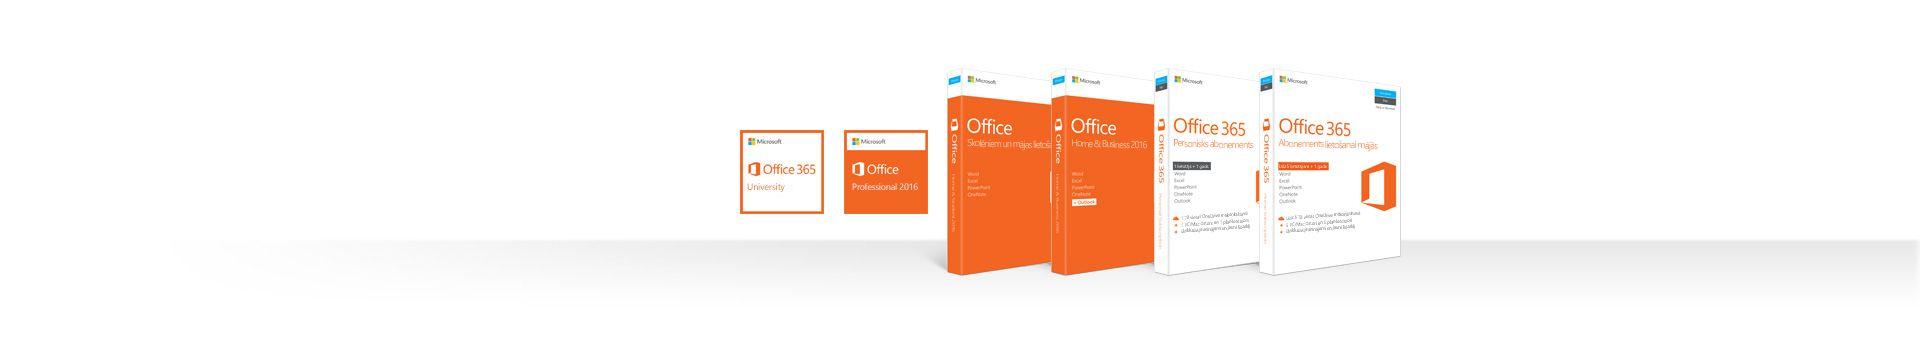 Lodziņu rinda, kurā attēloti Office abonementi un savrupi produkti Windows datoriem